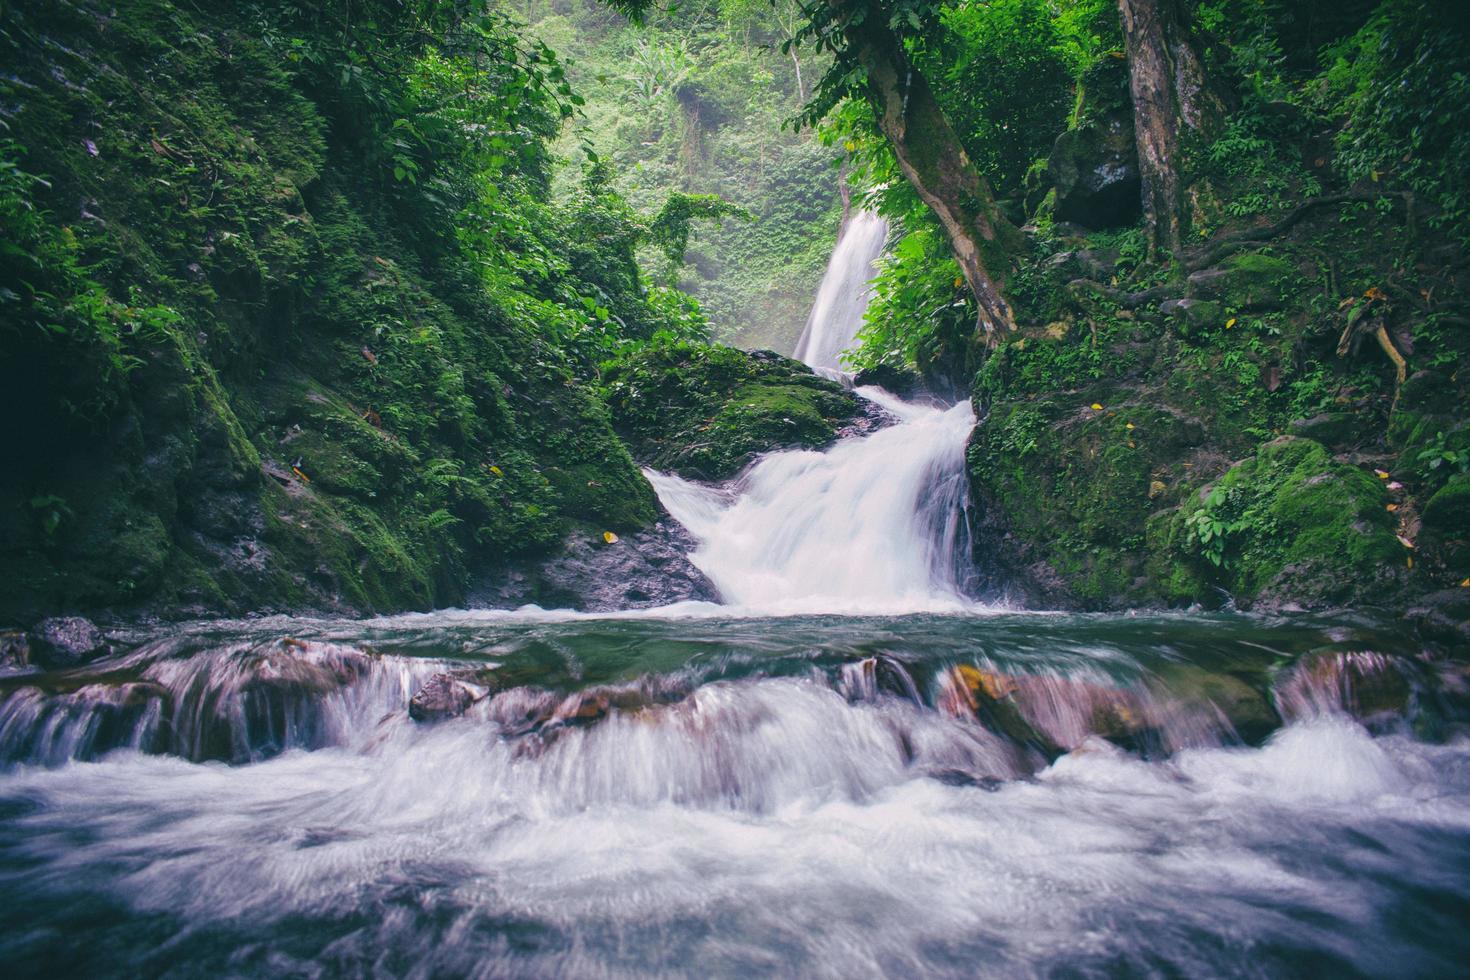 Wasserfall zwischen Bäumen foto